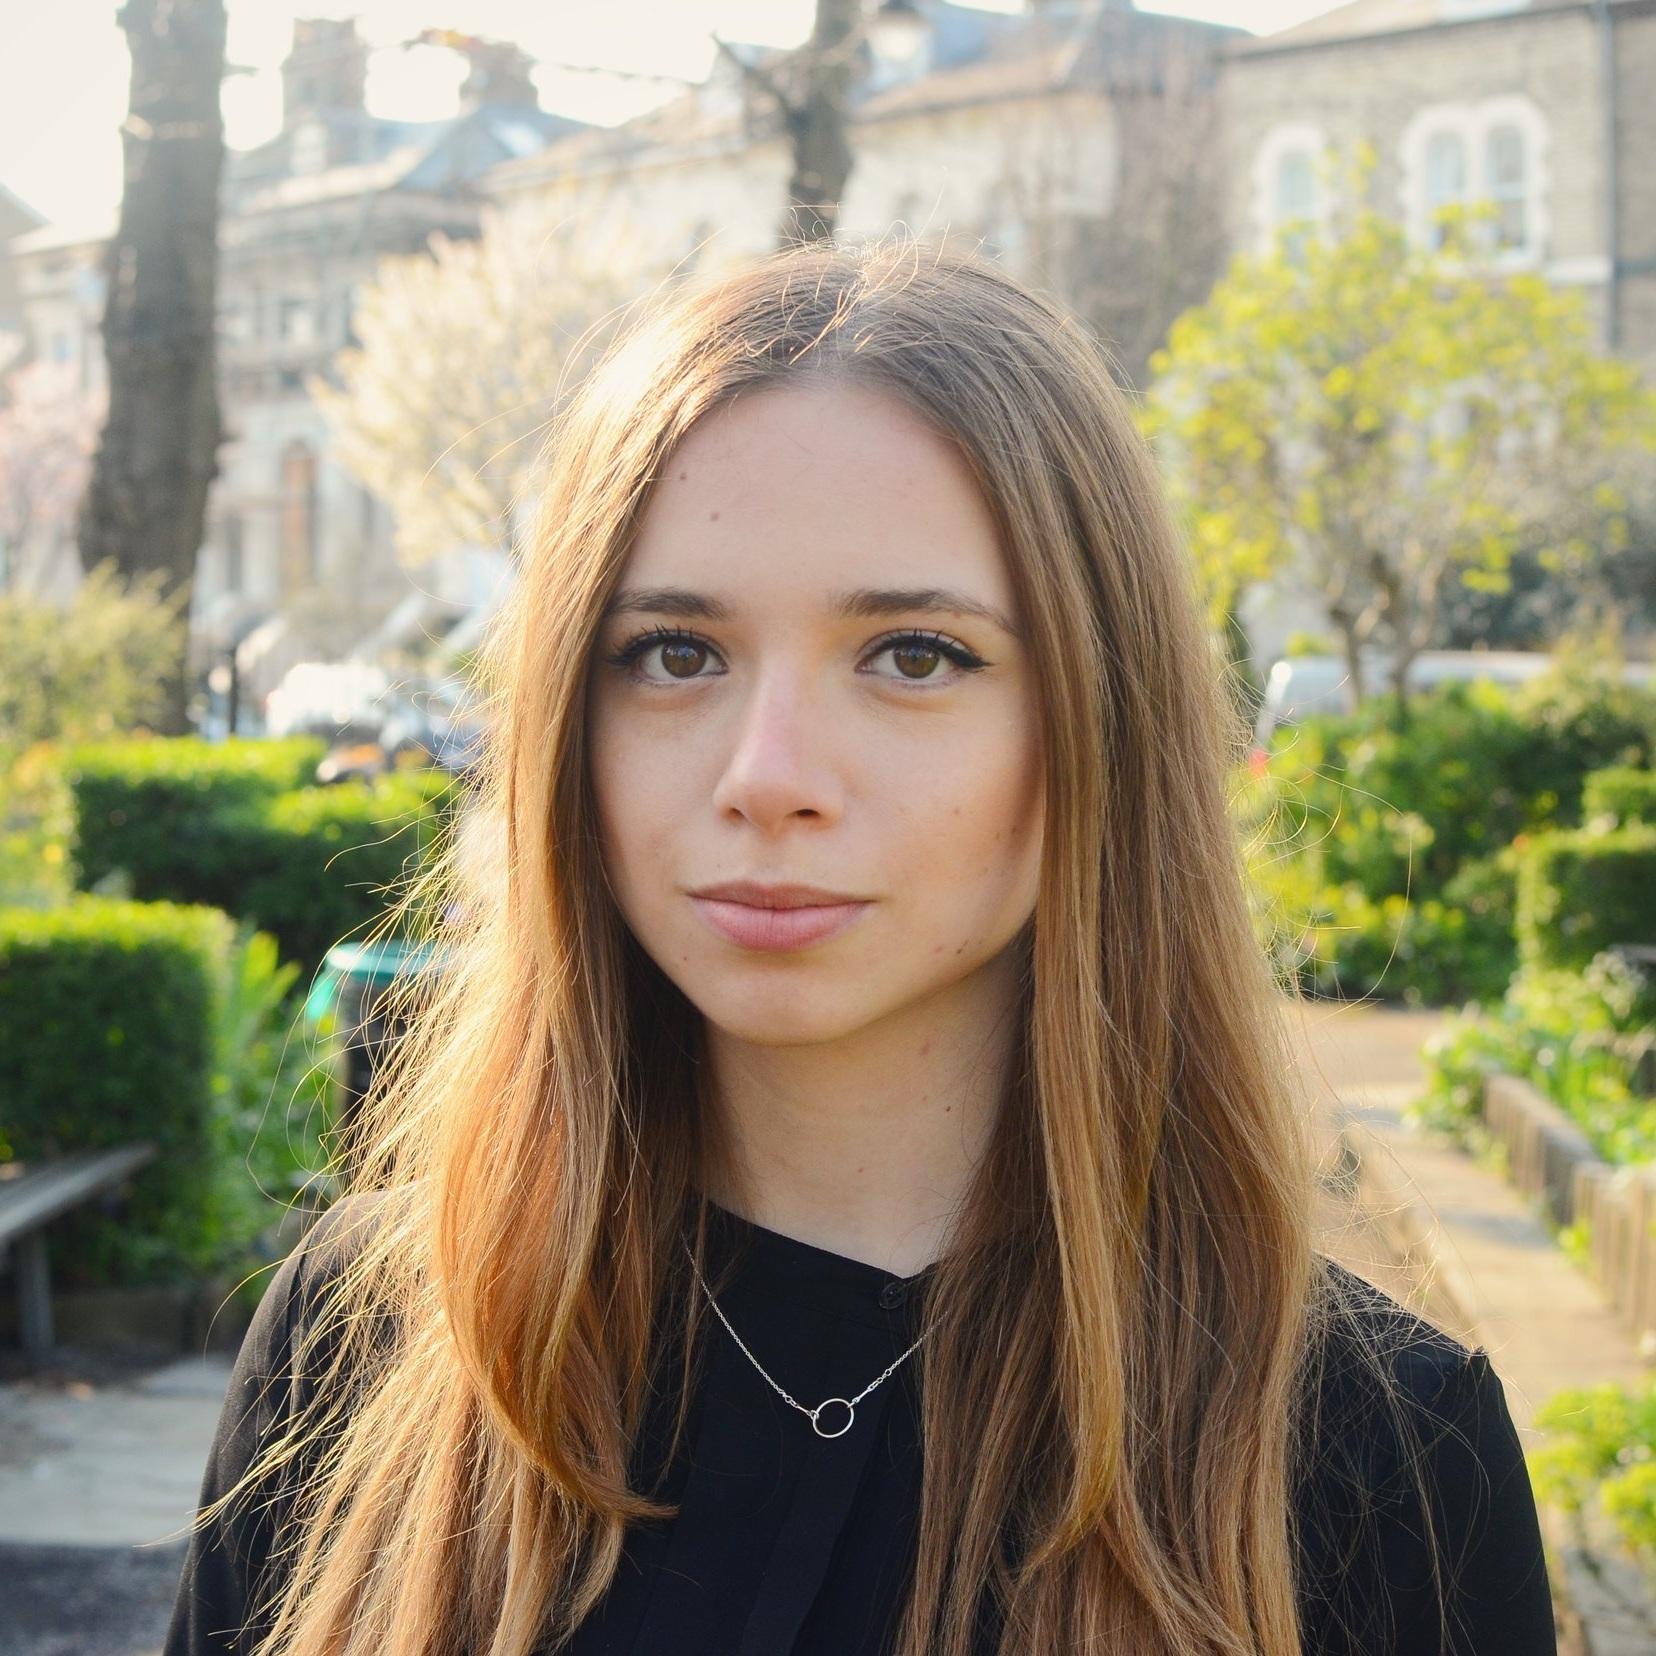 By Vittoria Bufalari